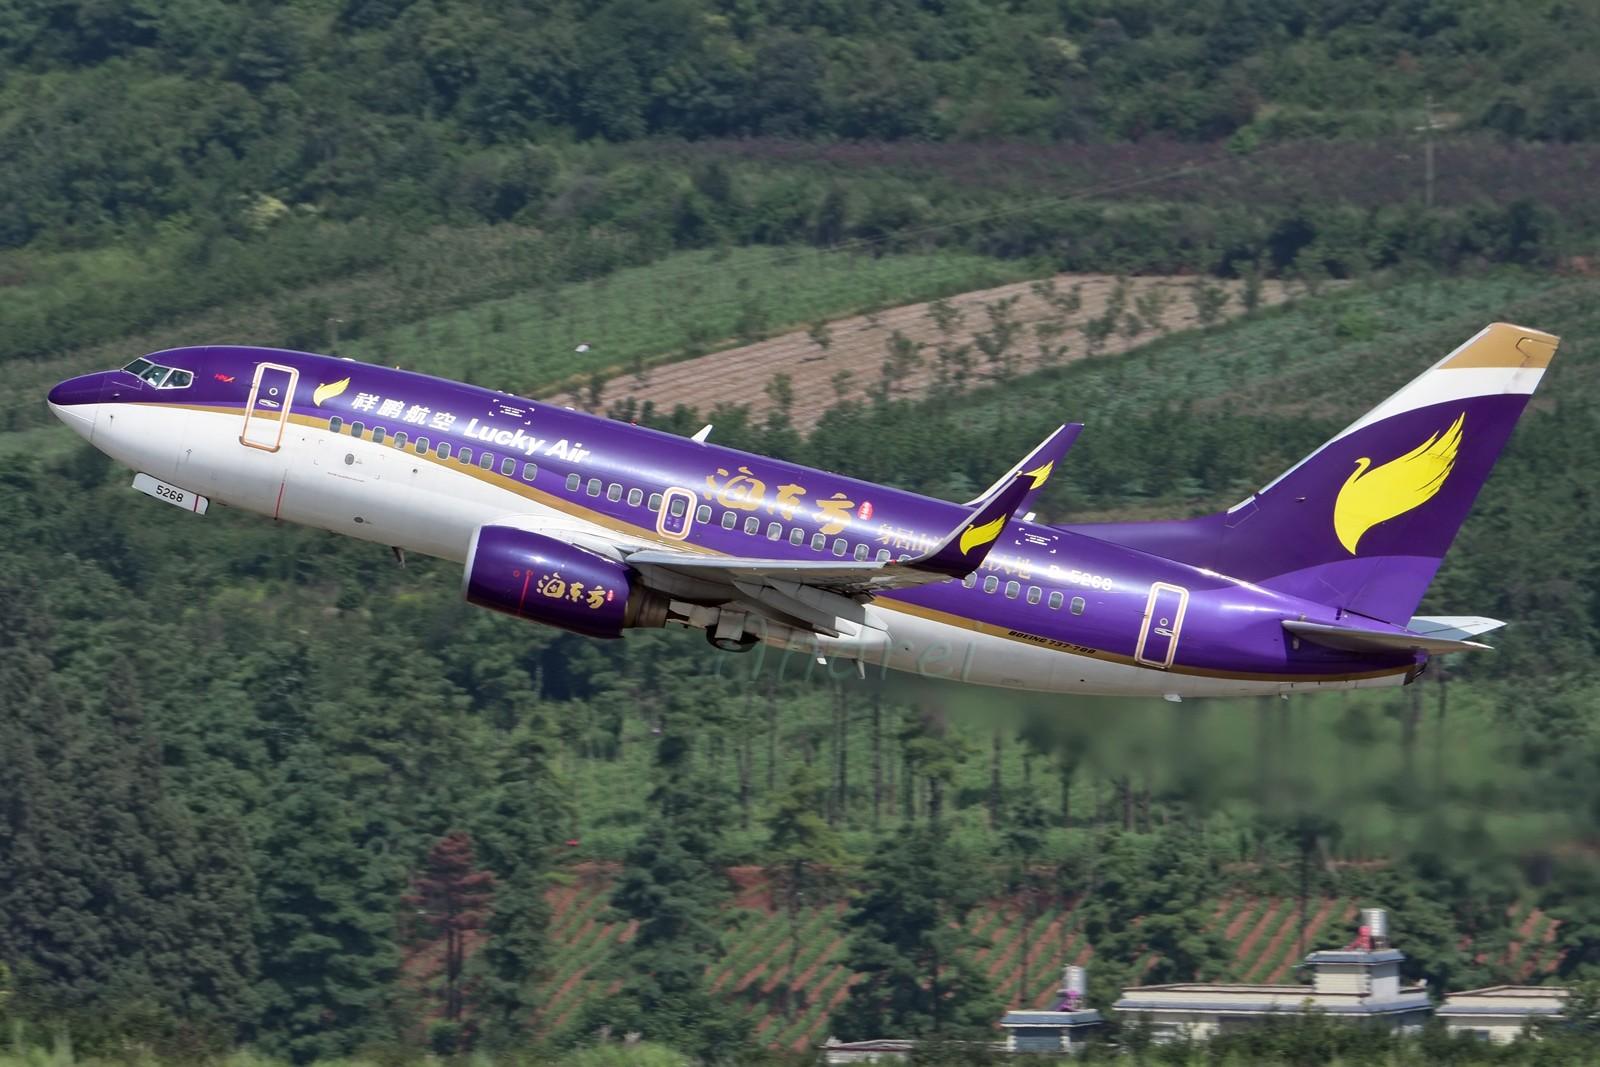 Re:[原创]=====有空就要来几发,不能懈怠===== BOEING 737-700 B-5268 中国昆明长水国际机场